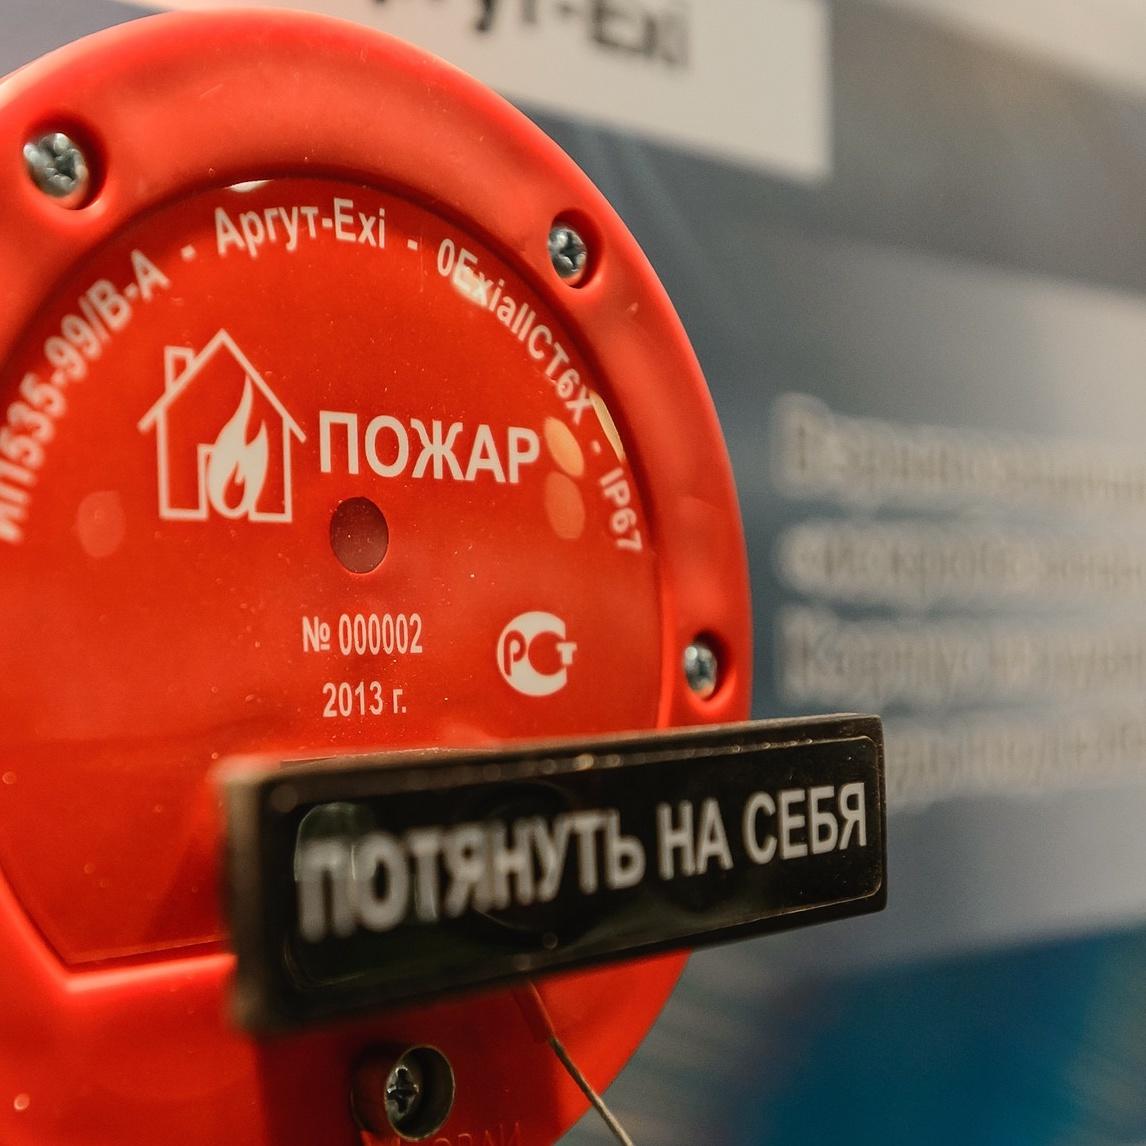 Закупки августа: 59,4 млн рублей на модернизацию систем пожарной безопасности и пожаротушения на объектах массового пребывания людей